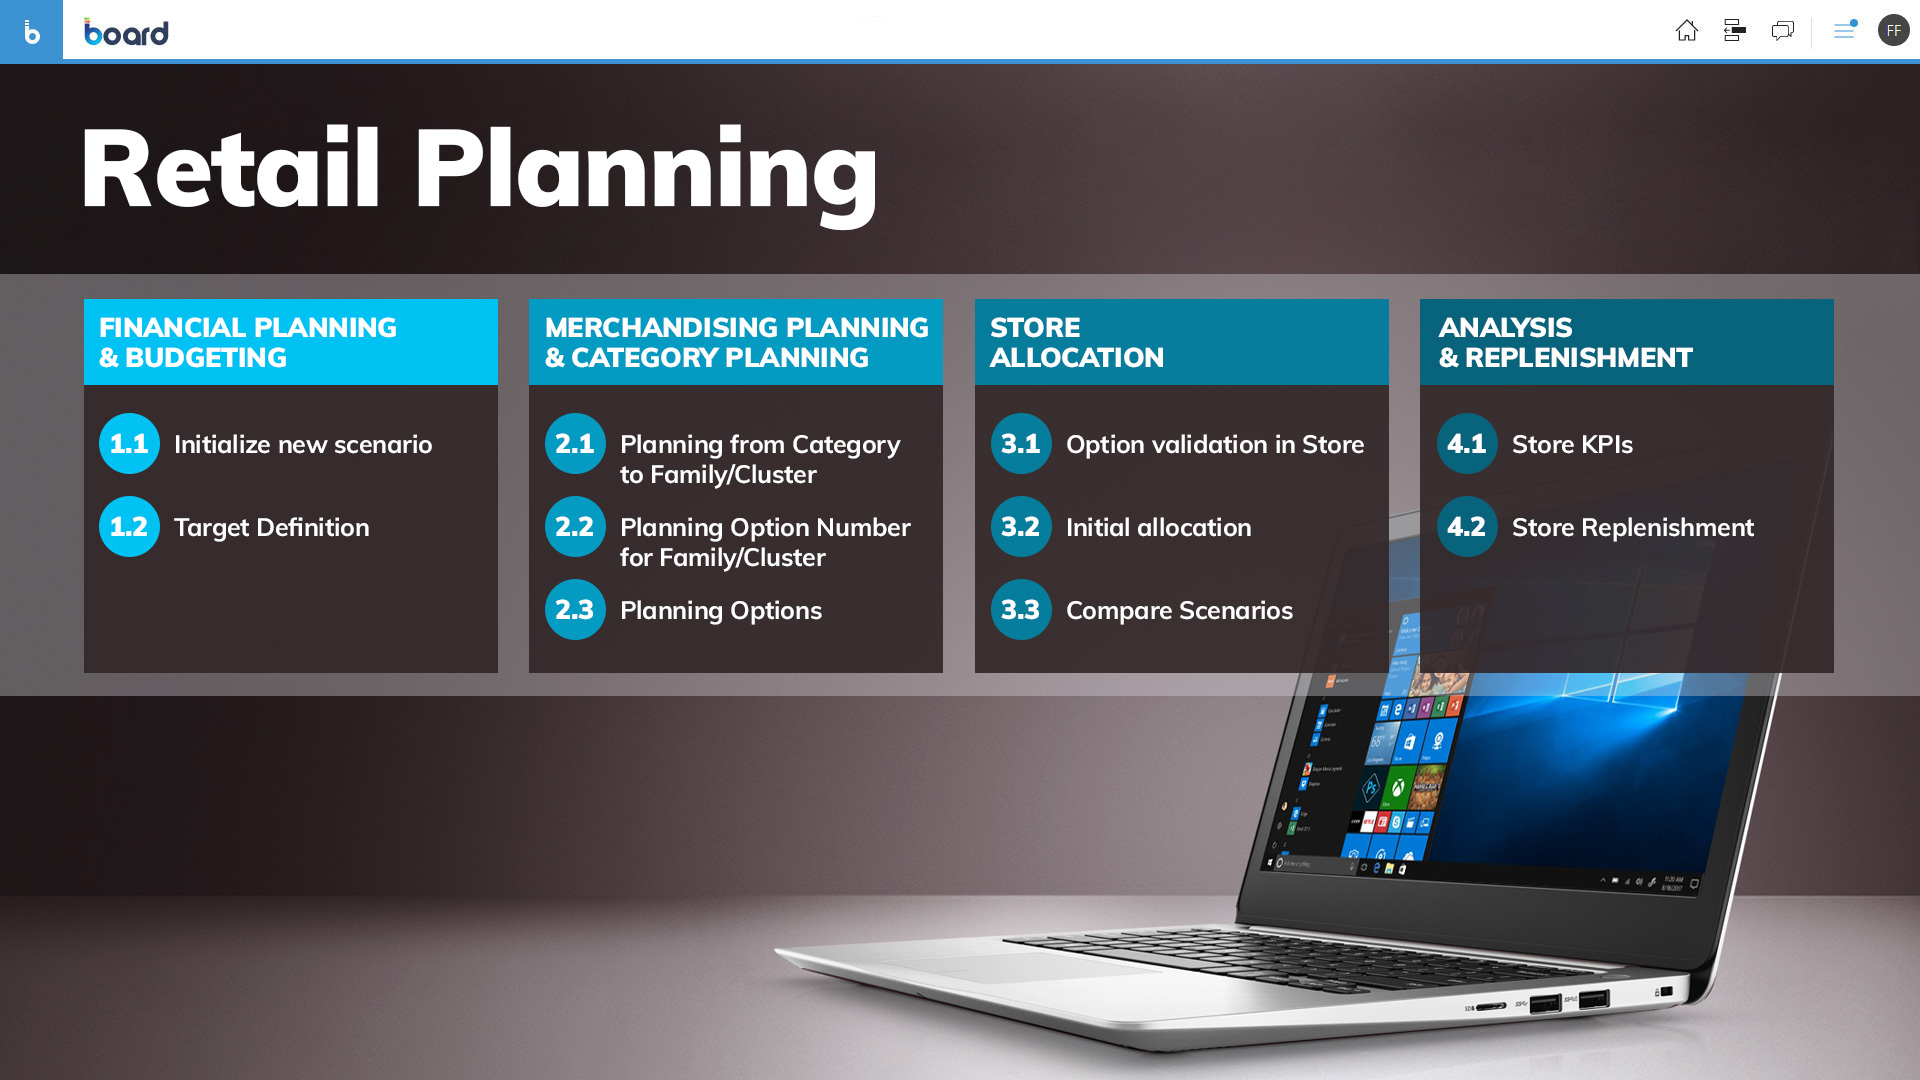 Fasi del processo di retail planning completo